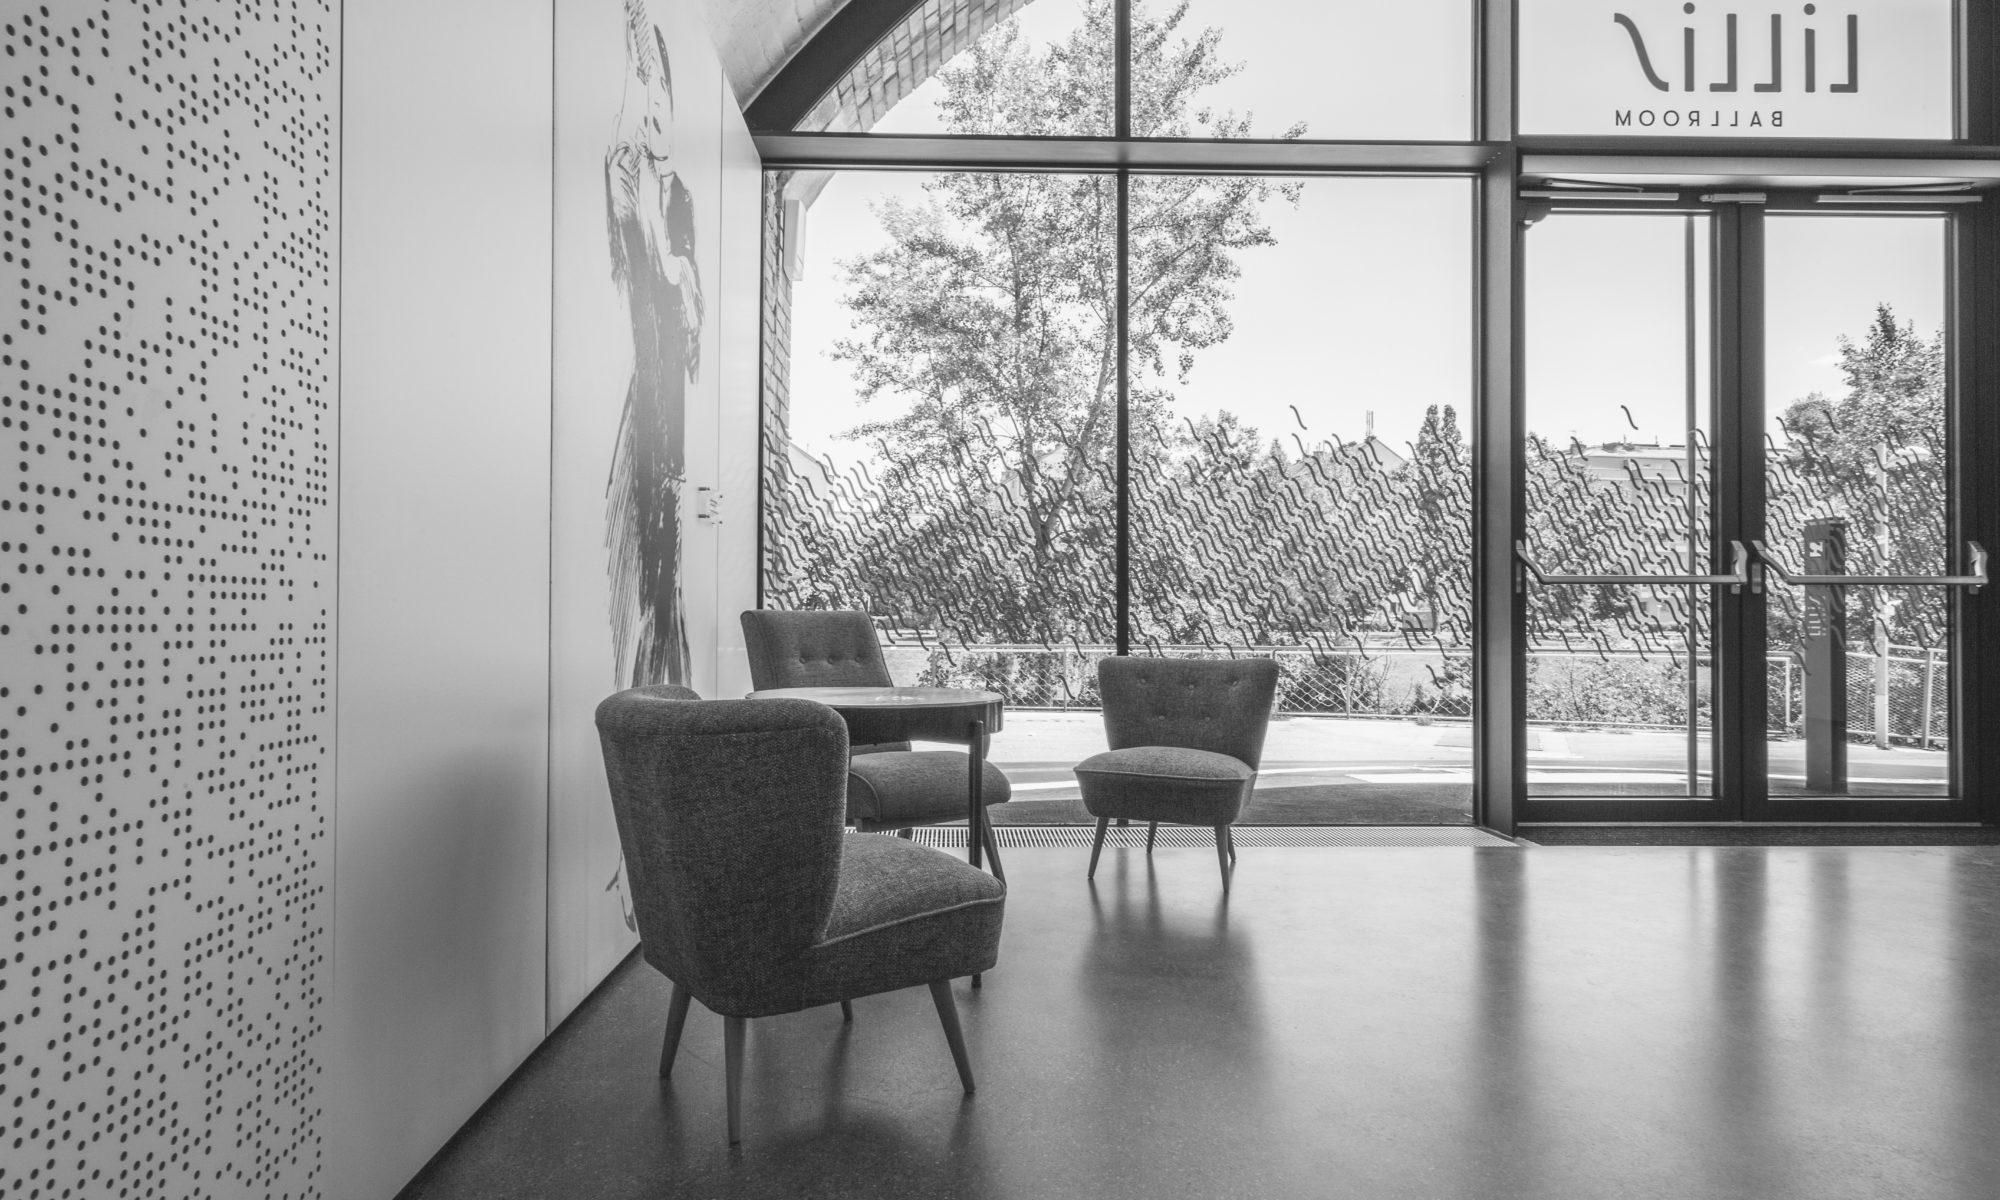 3 Sessel und ein Tisch stehen im Eingangsbereich vor der Fensterfront